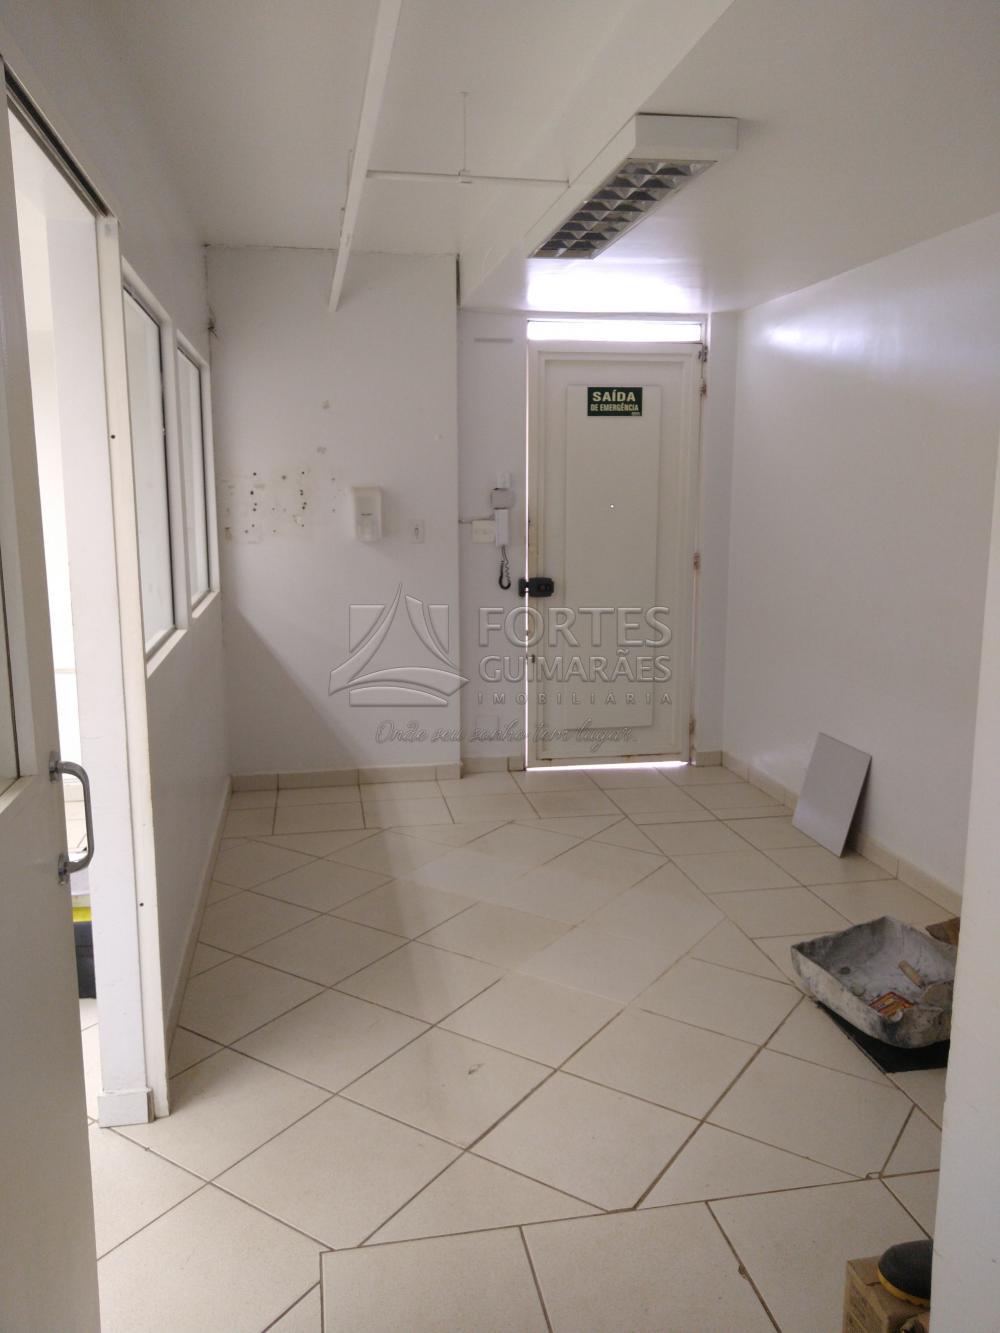 Alugar Comercial / Imóvel Comercial em Ribeirão Preto apenas R$ 12.000,00 - Foto 77